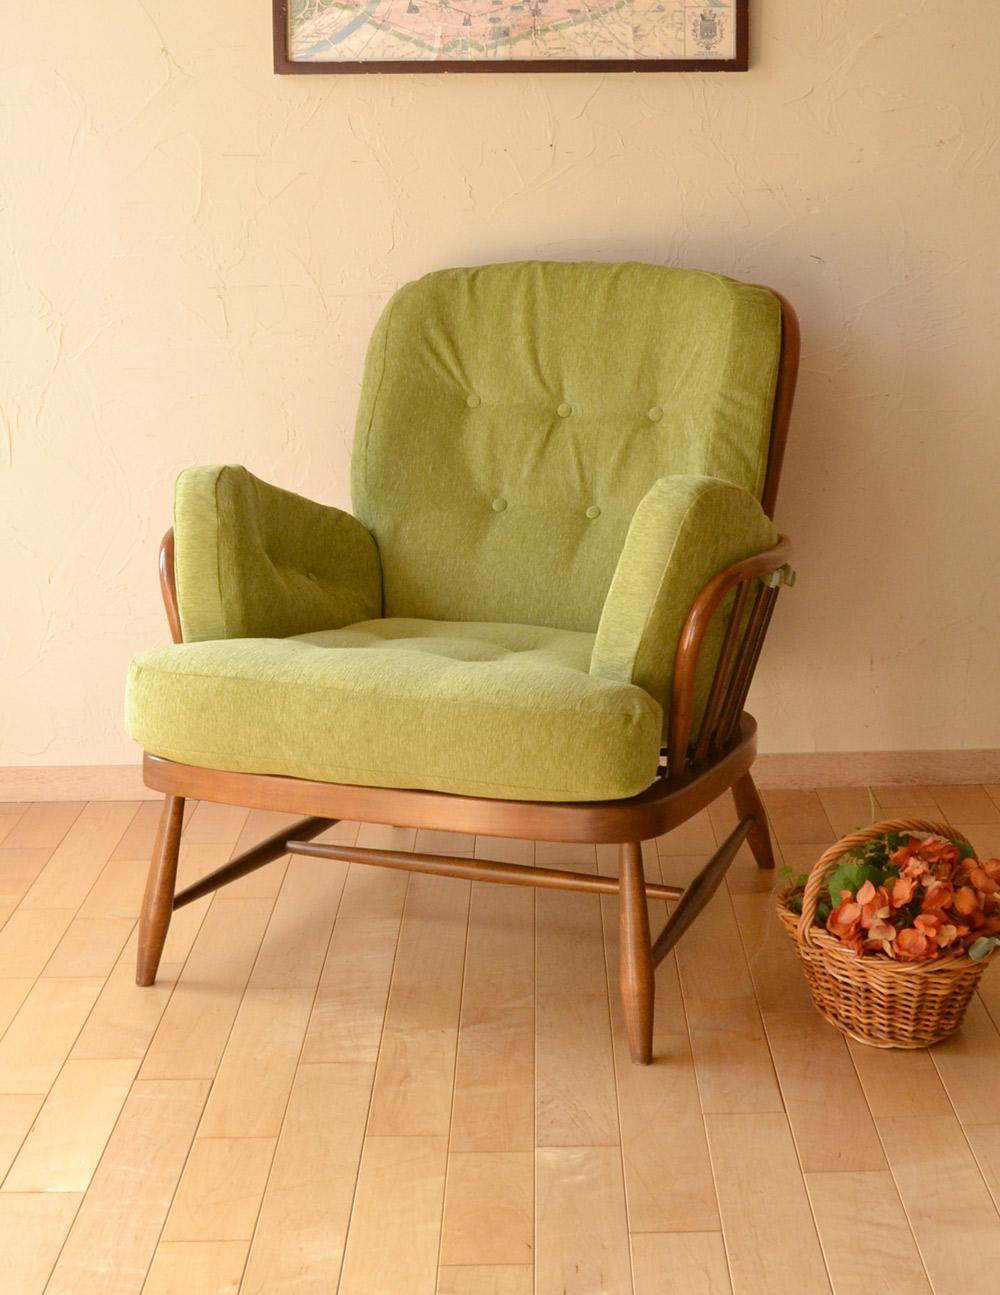 イギリスのアーコール社、アンティークソファ、1人掛けのラウンジチェア(グリーン)(x-413-c)|アンティークチェア・椅子